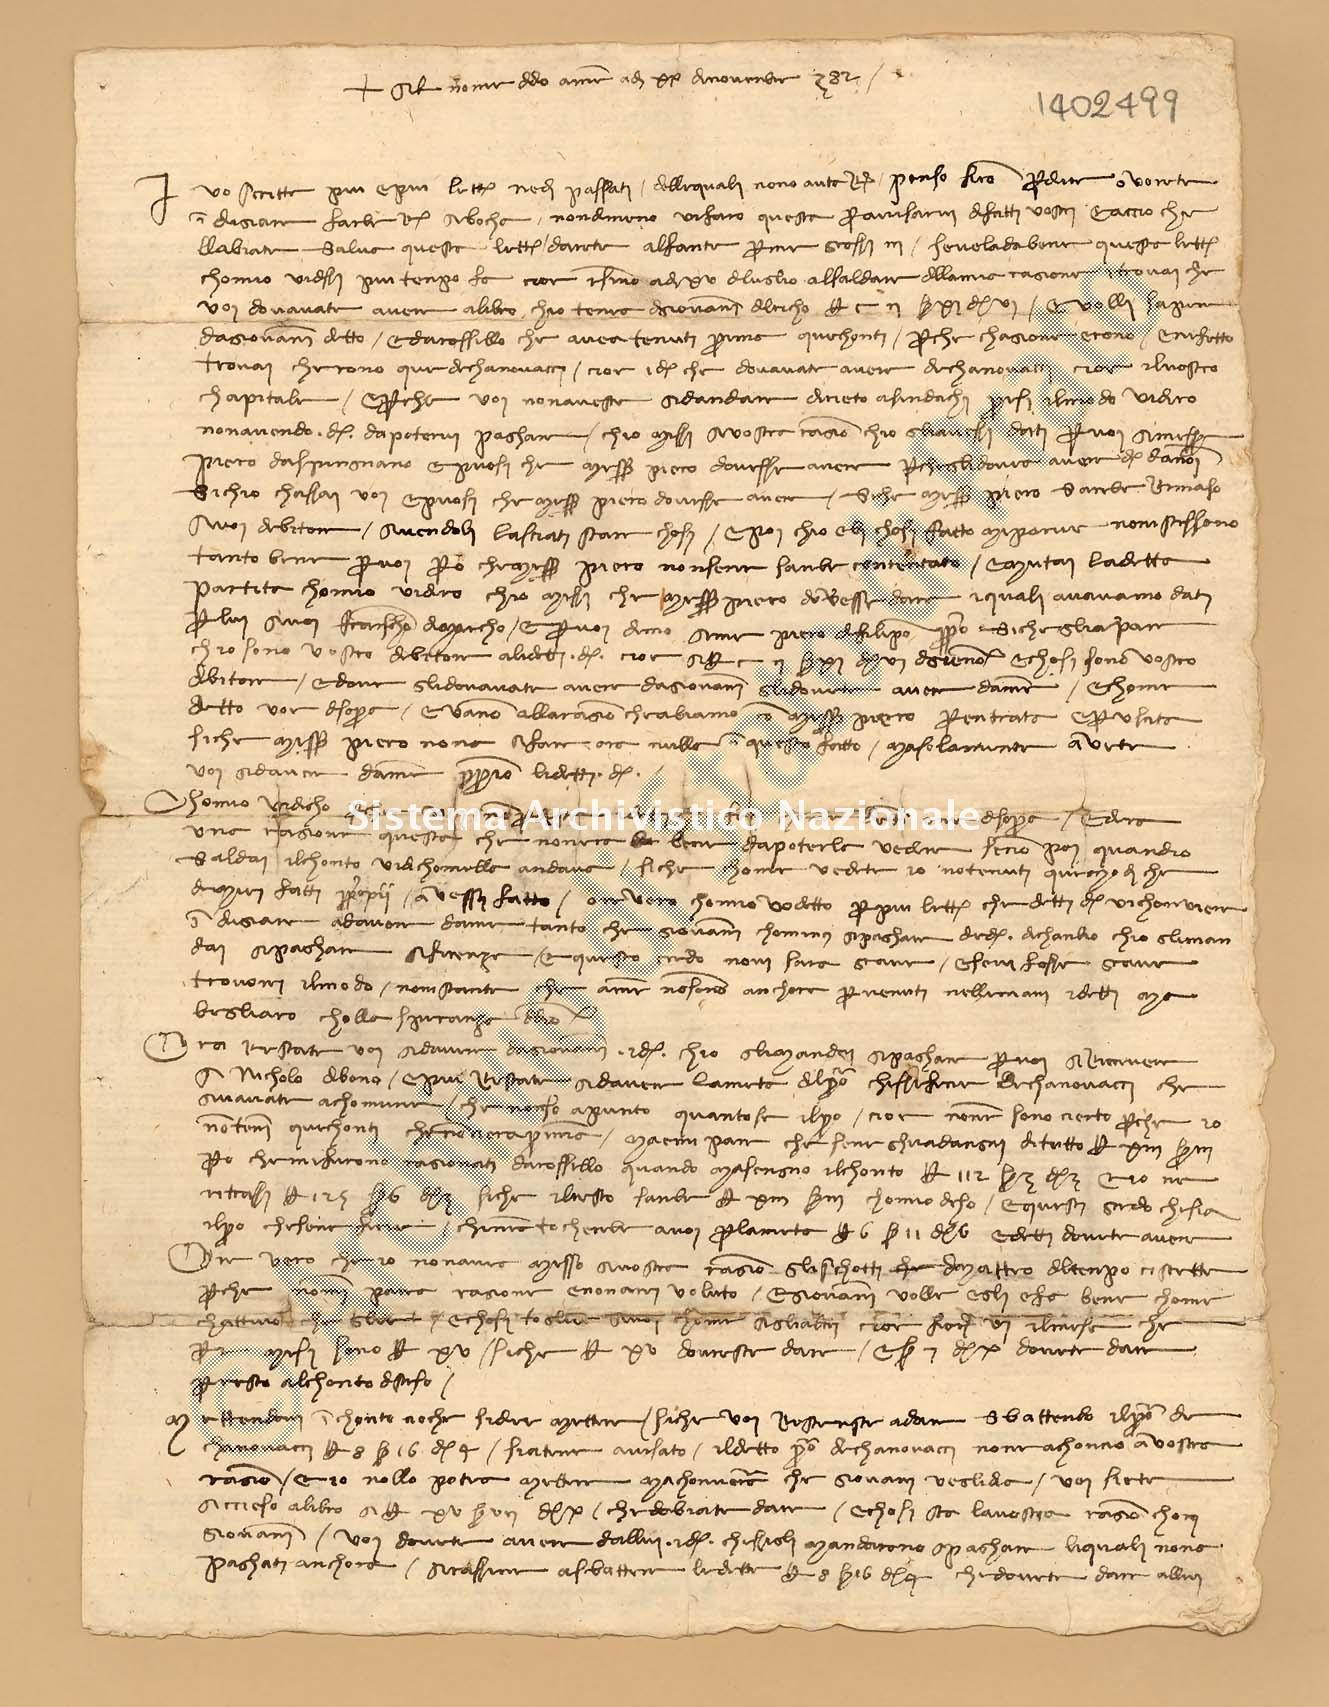 Archivio di Stato di Prato, Fondo Datini, Appendice al carteggio, 1116.131 Lettere Di Milanesi Piero e Filippo Di Filippo a Datini Francesco Di Marco (busta 1116, inserto 131, codice 1402499)